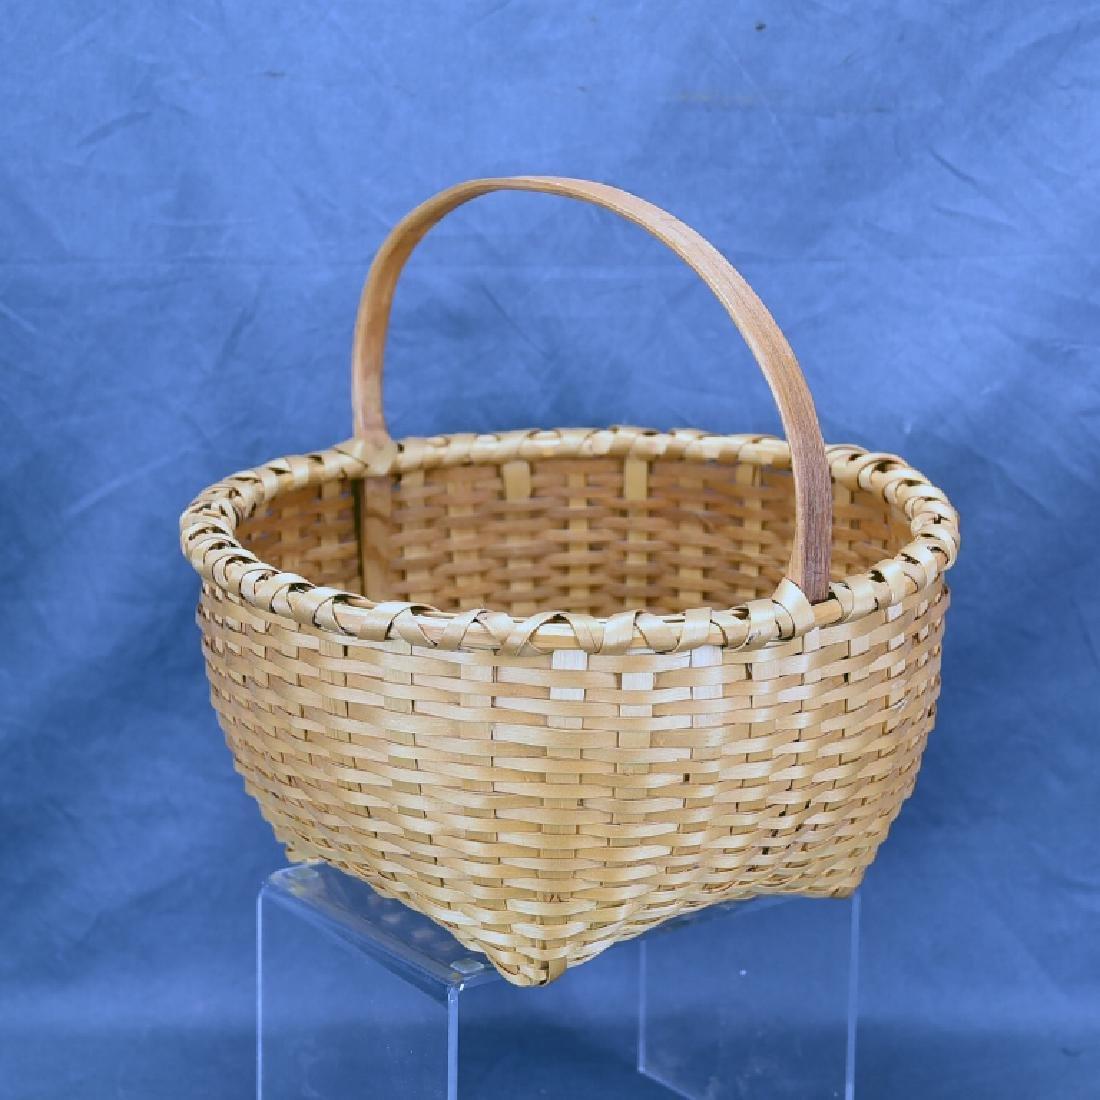 2 Splint Market Baskets - 6